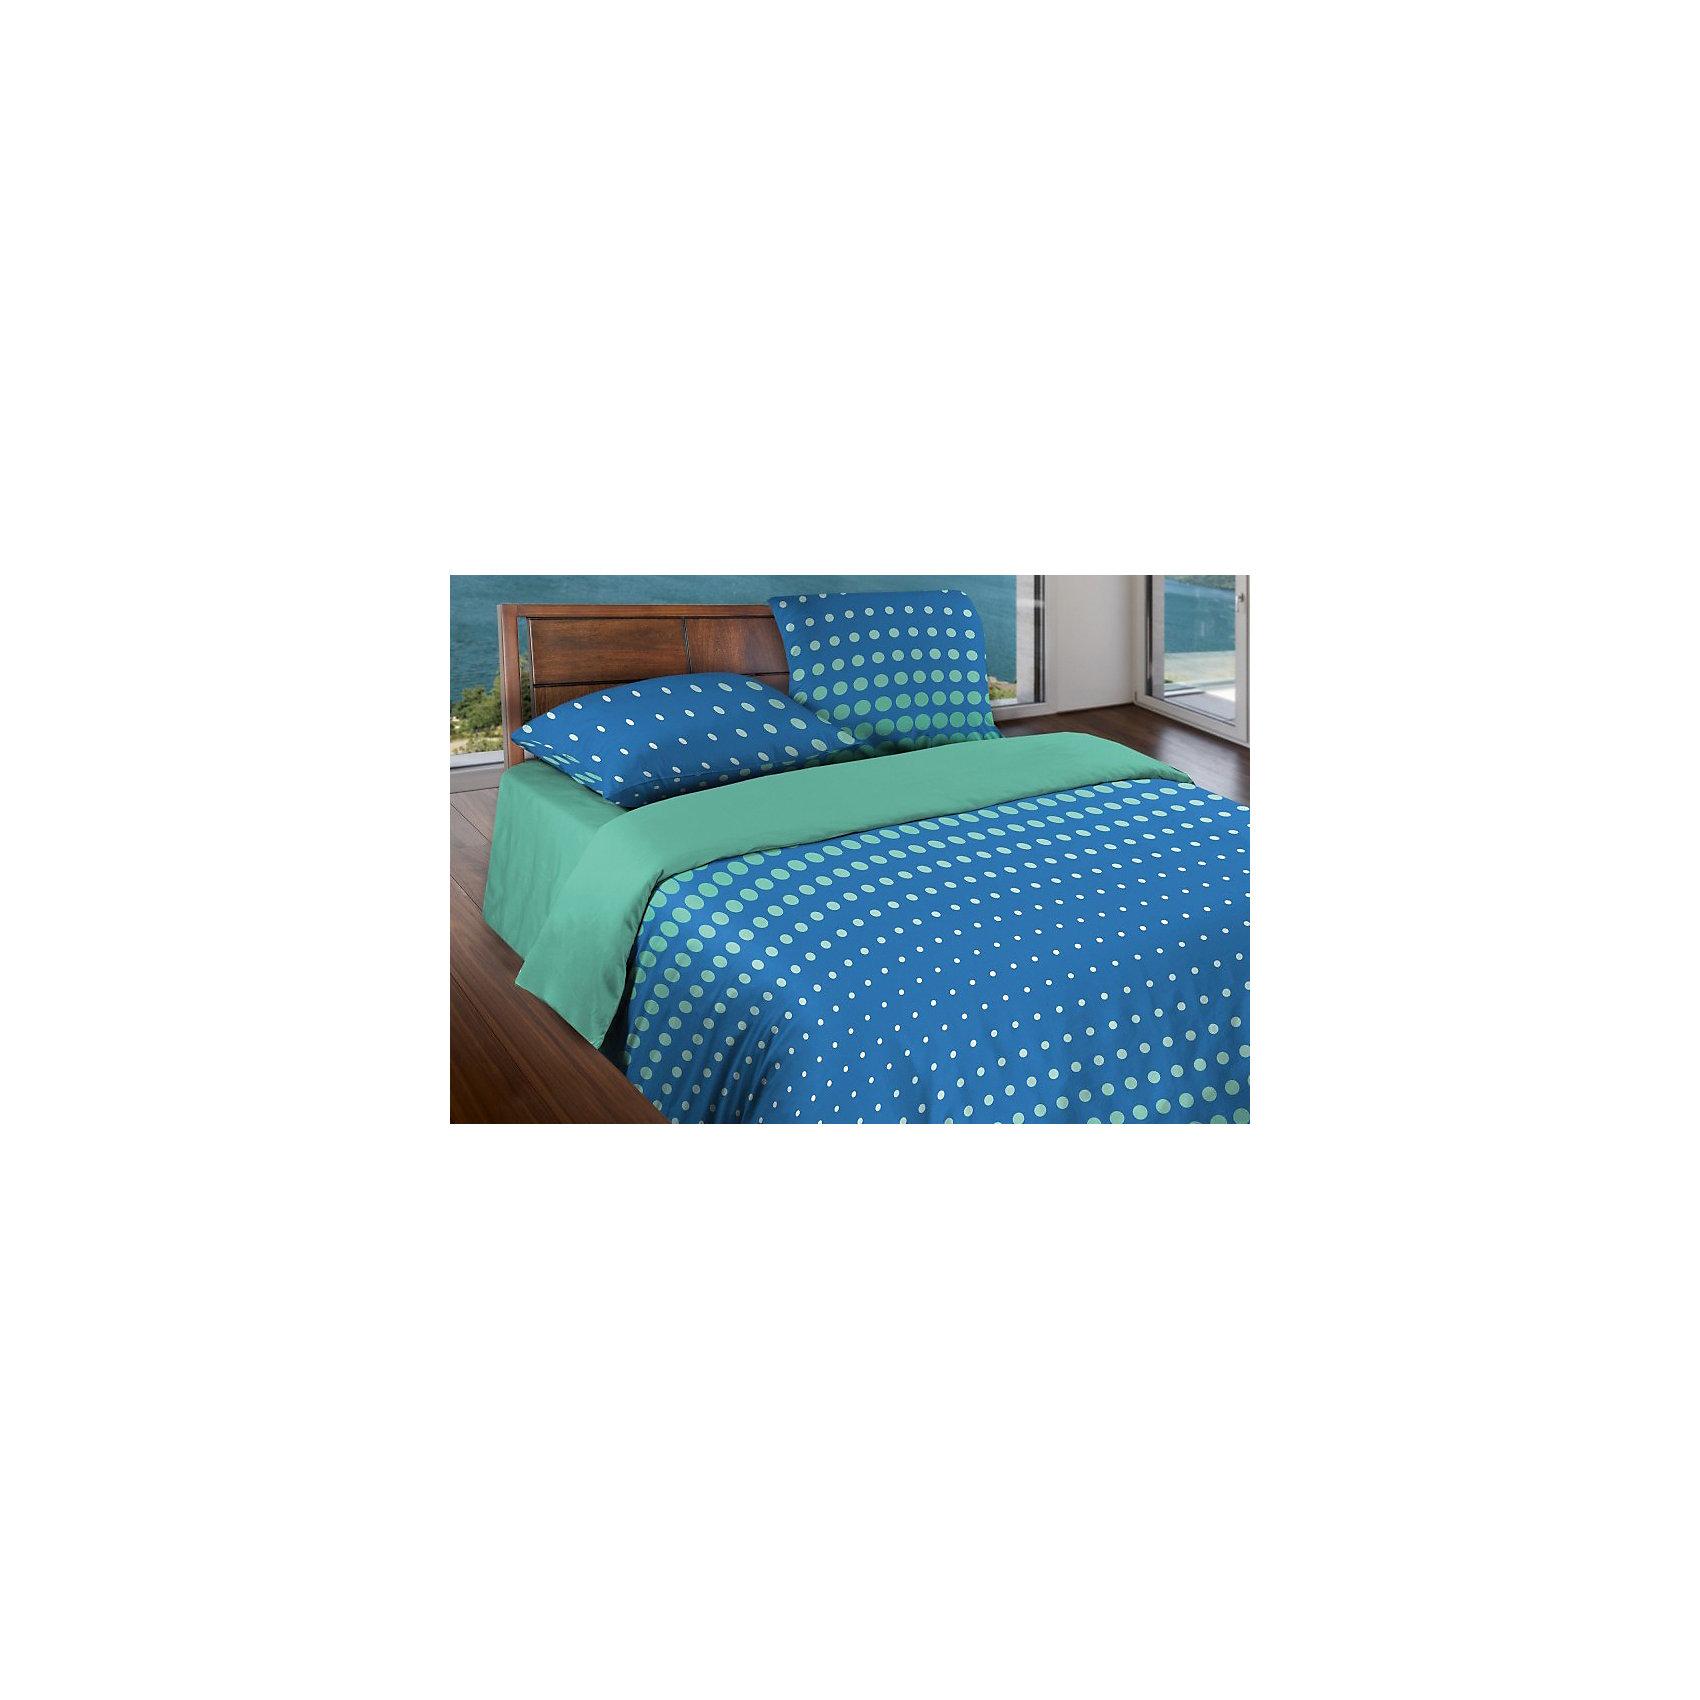 Постельное белье 2,0 сп. Dot Sea Blue БИО Комфорт, Wenge MotionДомашний текстиль<br>Характеристики 2,0 спального комплекта постельного белья   Dot Sea Blue  БИО Комфорт, Wenge Motion:<br><br>- производитель: Неотек<br>- материал: бязь<br>- состав: 100% хлопок<br>- размер комплекта: двуспальный<br>- размер пододеяльника: 215*175 см.<br>- размер простыни: 220*240 см.<br>- размер наволочек: 70*70 (2 шт)<br>- упаковка комплекта: книжка пвх<br>- страна бренда: Россия<br>- страна производитель: Россия<br><br>Постельное белье  Dot Sea Blue  БИО Комфорт, Wenge Motion будет идеальным выбором для современных молодых семей, а также для всех тех, кто ценит комфорт и уют, следит за модными тенденциями в мире текстиля. Это качественный продукт, выполненный из бязи БИОкомфорт высокой плотности приемлемый по цене Ткань полотняного переплетения с высокими показателем износостойкости, не образует катышков, приятная и мягкая на ощупь, имеет ровную и гладкую поверхность, не теряет яркости при многократных стирках. Комплект красивого постельного белья будет хорошим подарком на любое торжество. Комплект двуспального белья состоит из пододеяльника, простыни и двух наволочек размера 70*70 см, он отлично подойдет для большой кровати.<br><br>Комплекта постельного белья   Dot Sea Blue  серии Wenge Motion можно купить в нашем интернет-магазине.<br><br>Ширина мм: 370<br>Глубина мм: 70<br>Высота мм: 370<br>Вес г: 2100<br>Возраст от месяцев: 216<br>Возраст до месяцев: 1188<br>Пол: Унисекс<br>Возраст: Детский<br>SKU: 5100126